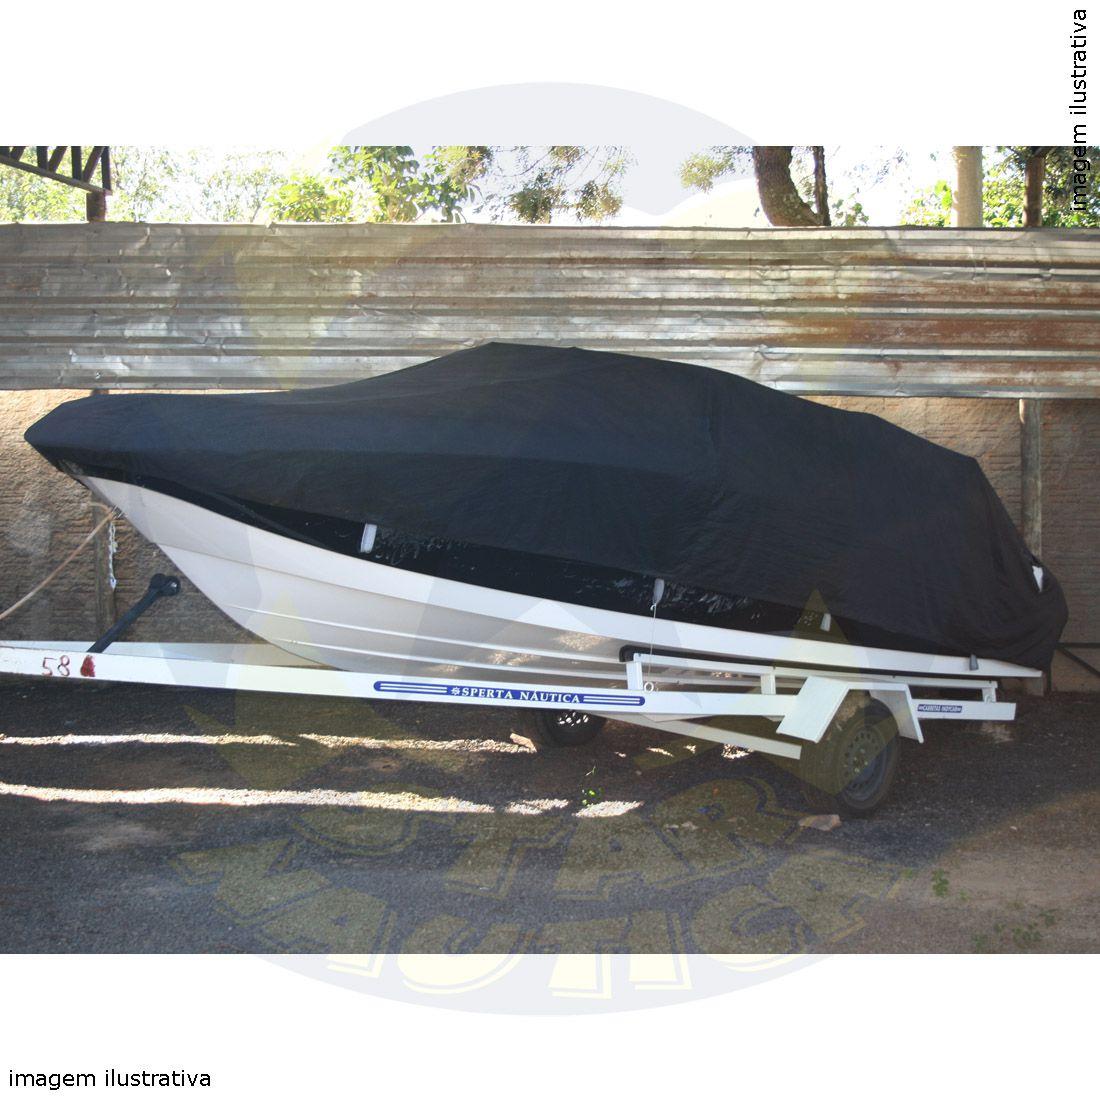 Capa Lona de Cobertura Lancha Focker 230 Lona Emborrachada